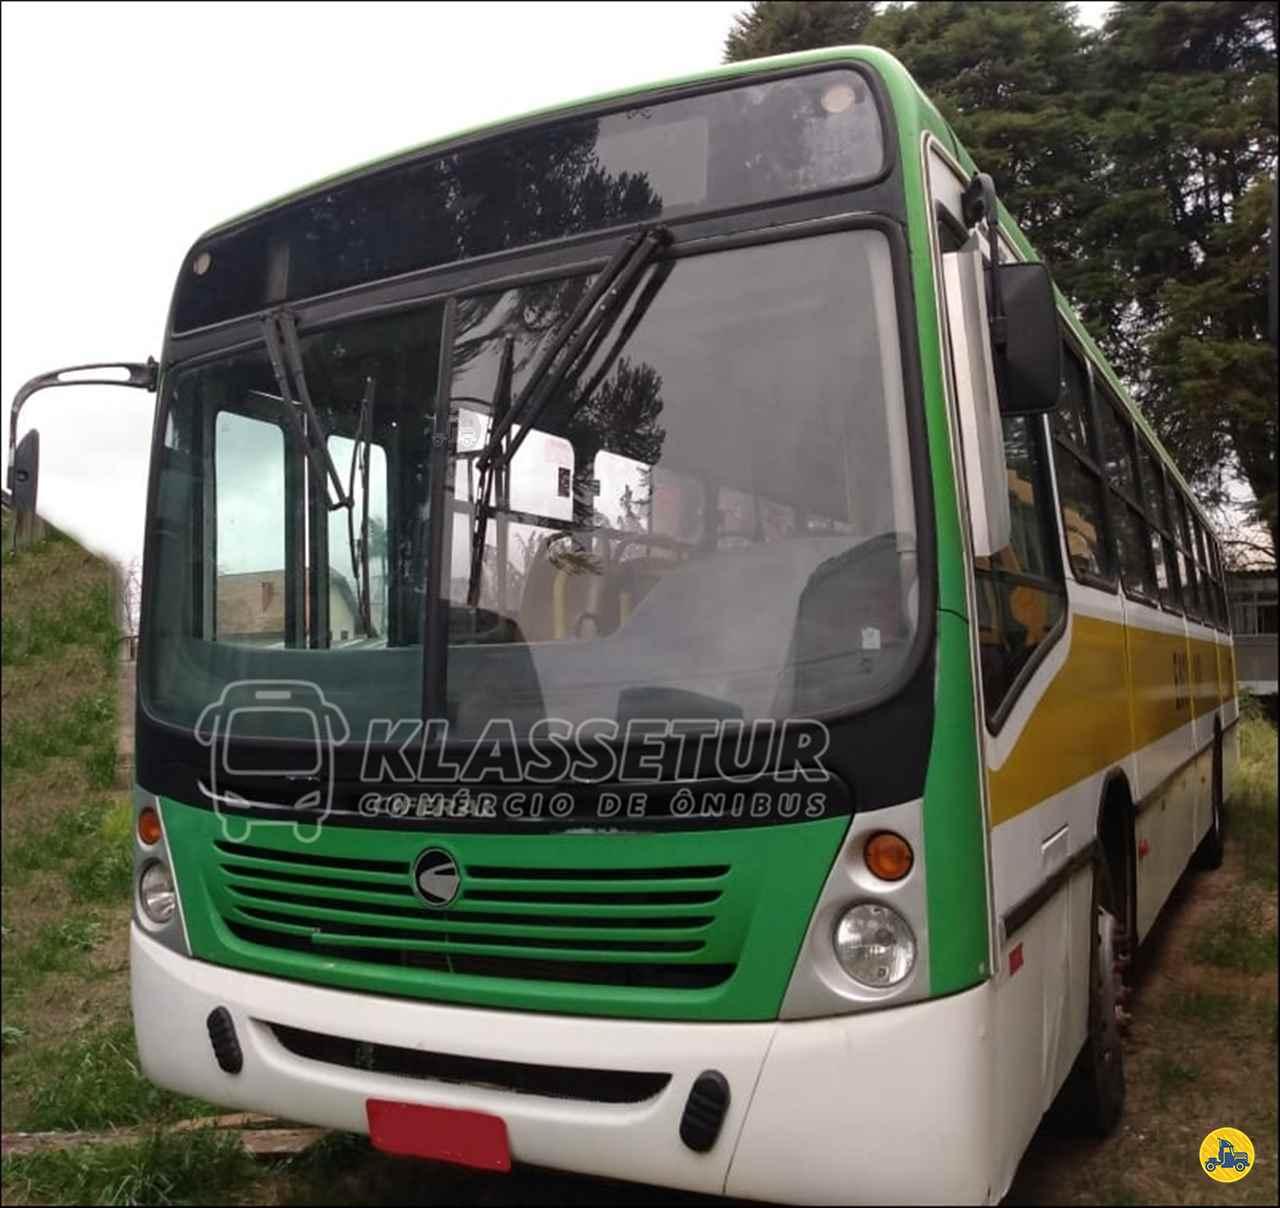 ONIBUS CIFERAL Citmax Tração 4x2 Klassetur Comércio de Ônibus CURITIBA PARANÁ PR